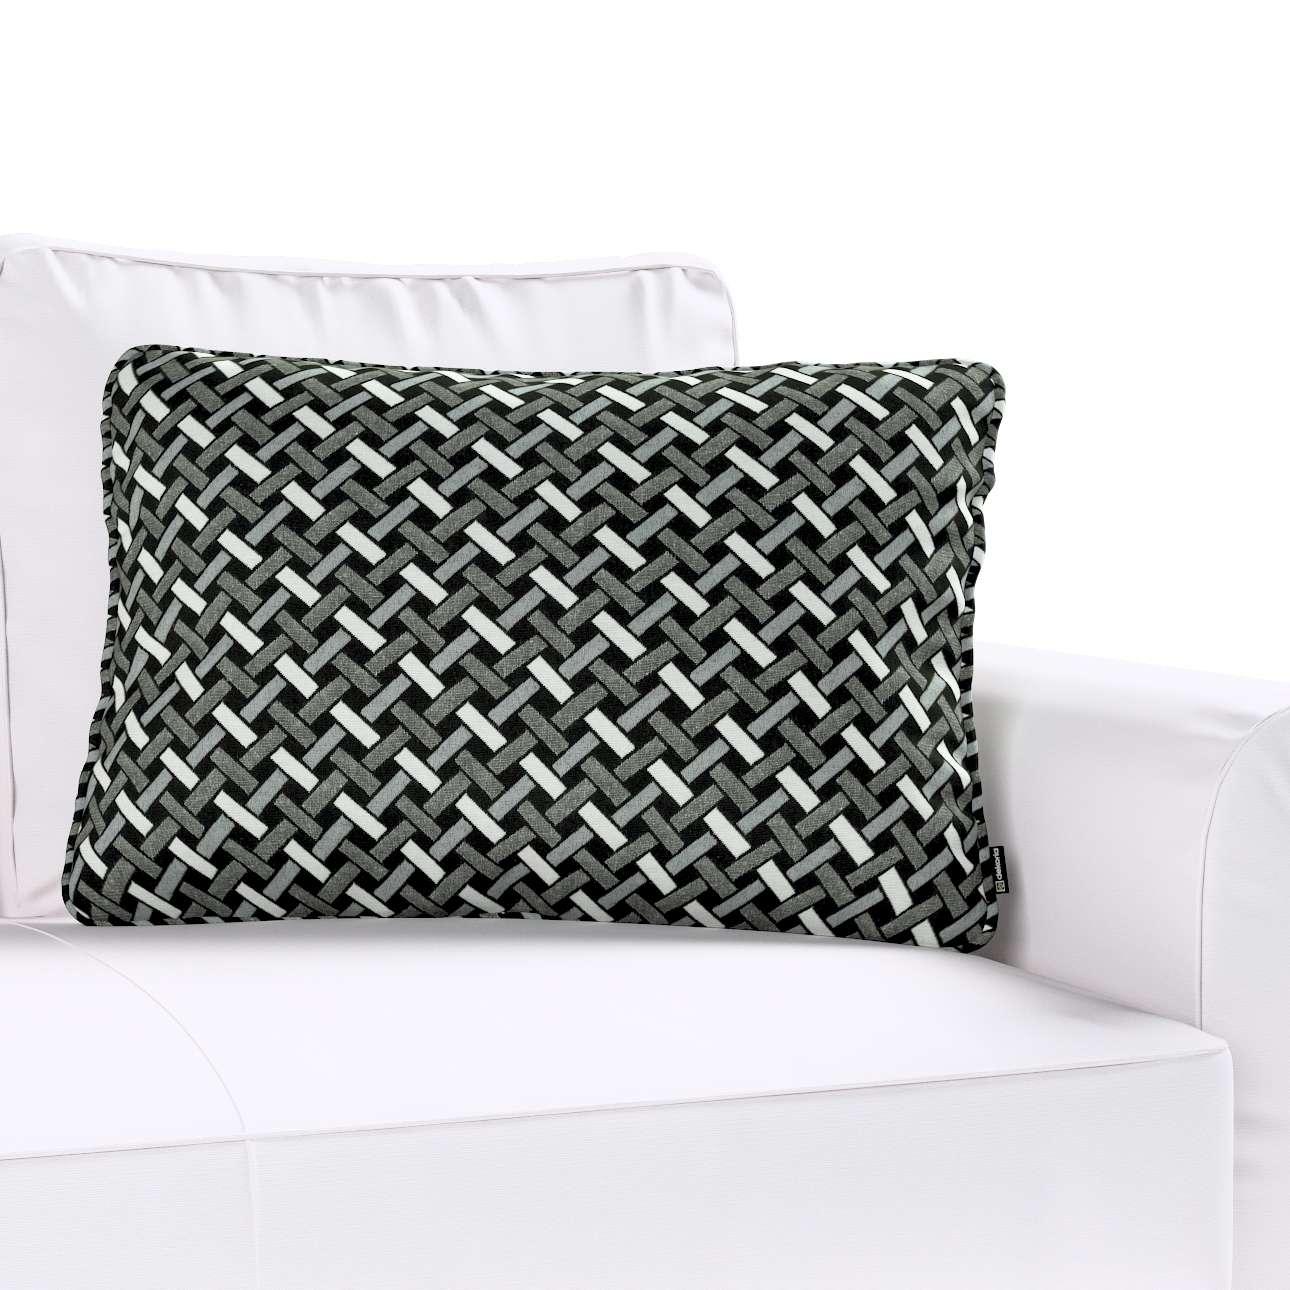 Poszewka Gabi na poduszkę prostokątna w kolekcji Black & White, tkanina: 142-87